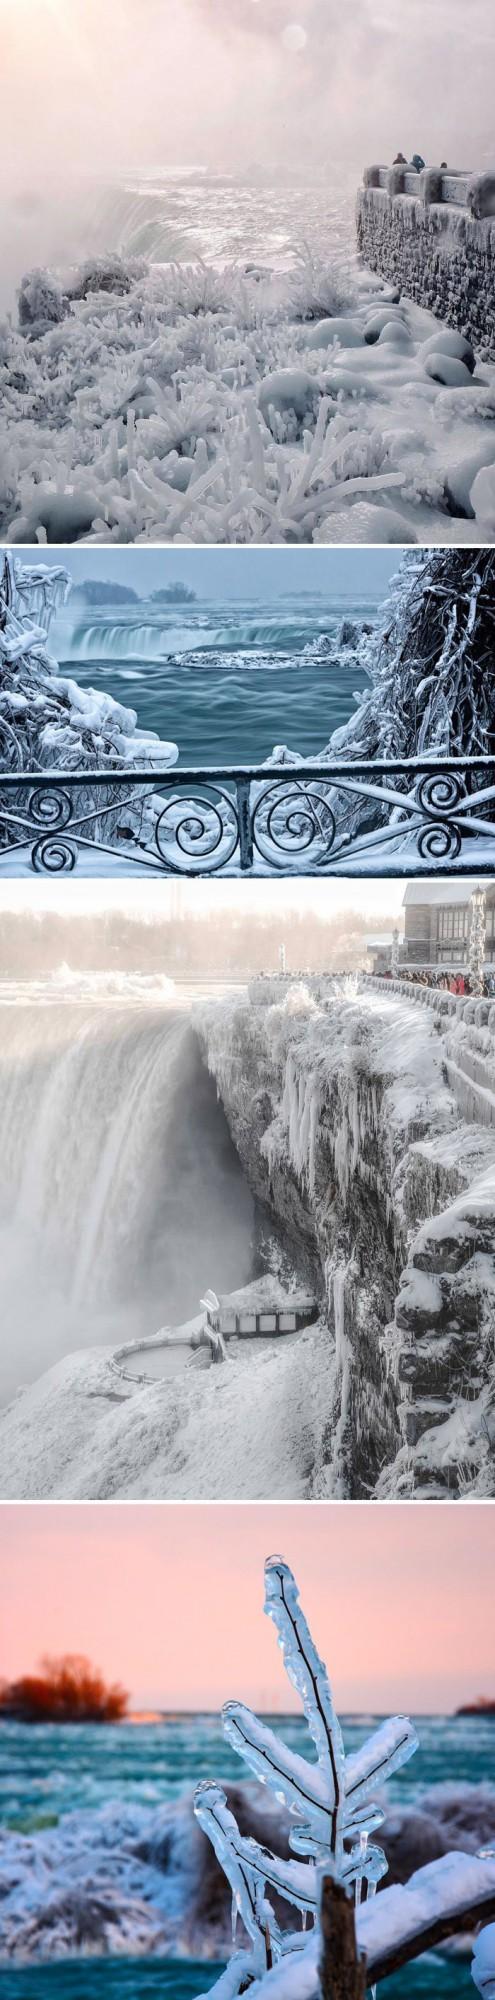 Лютые морозы, от которых трескаются стекла, настигли Канаду и США